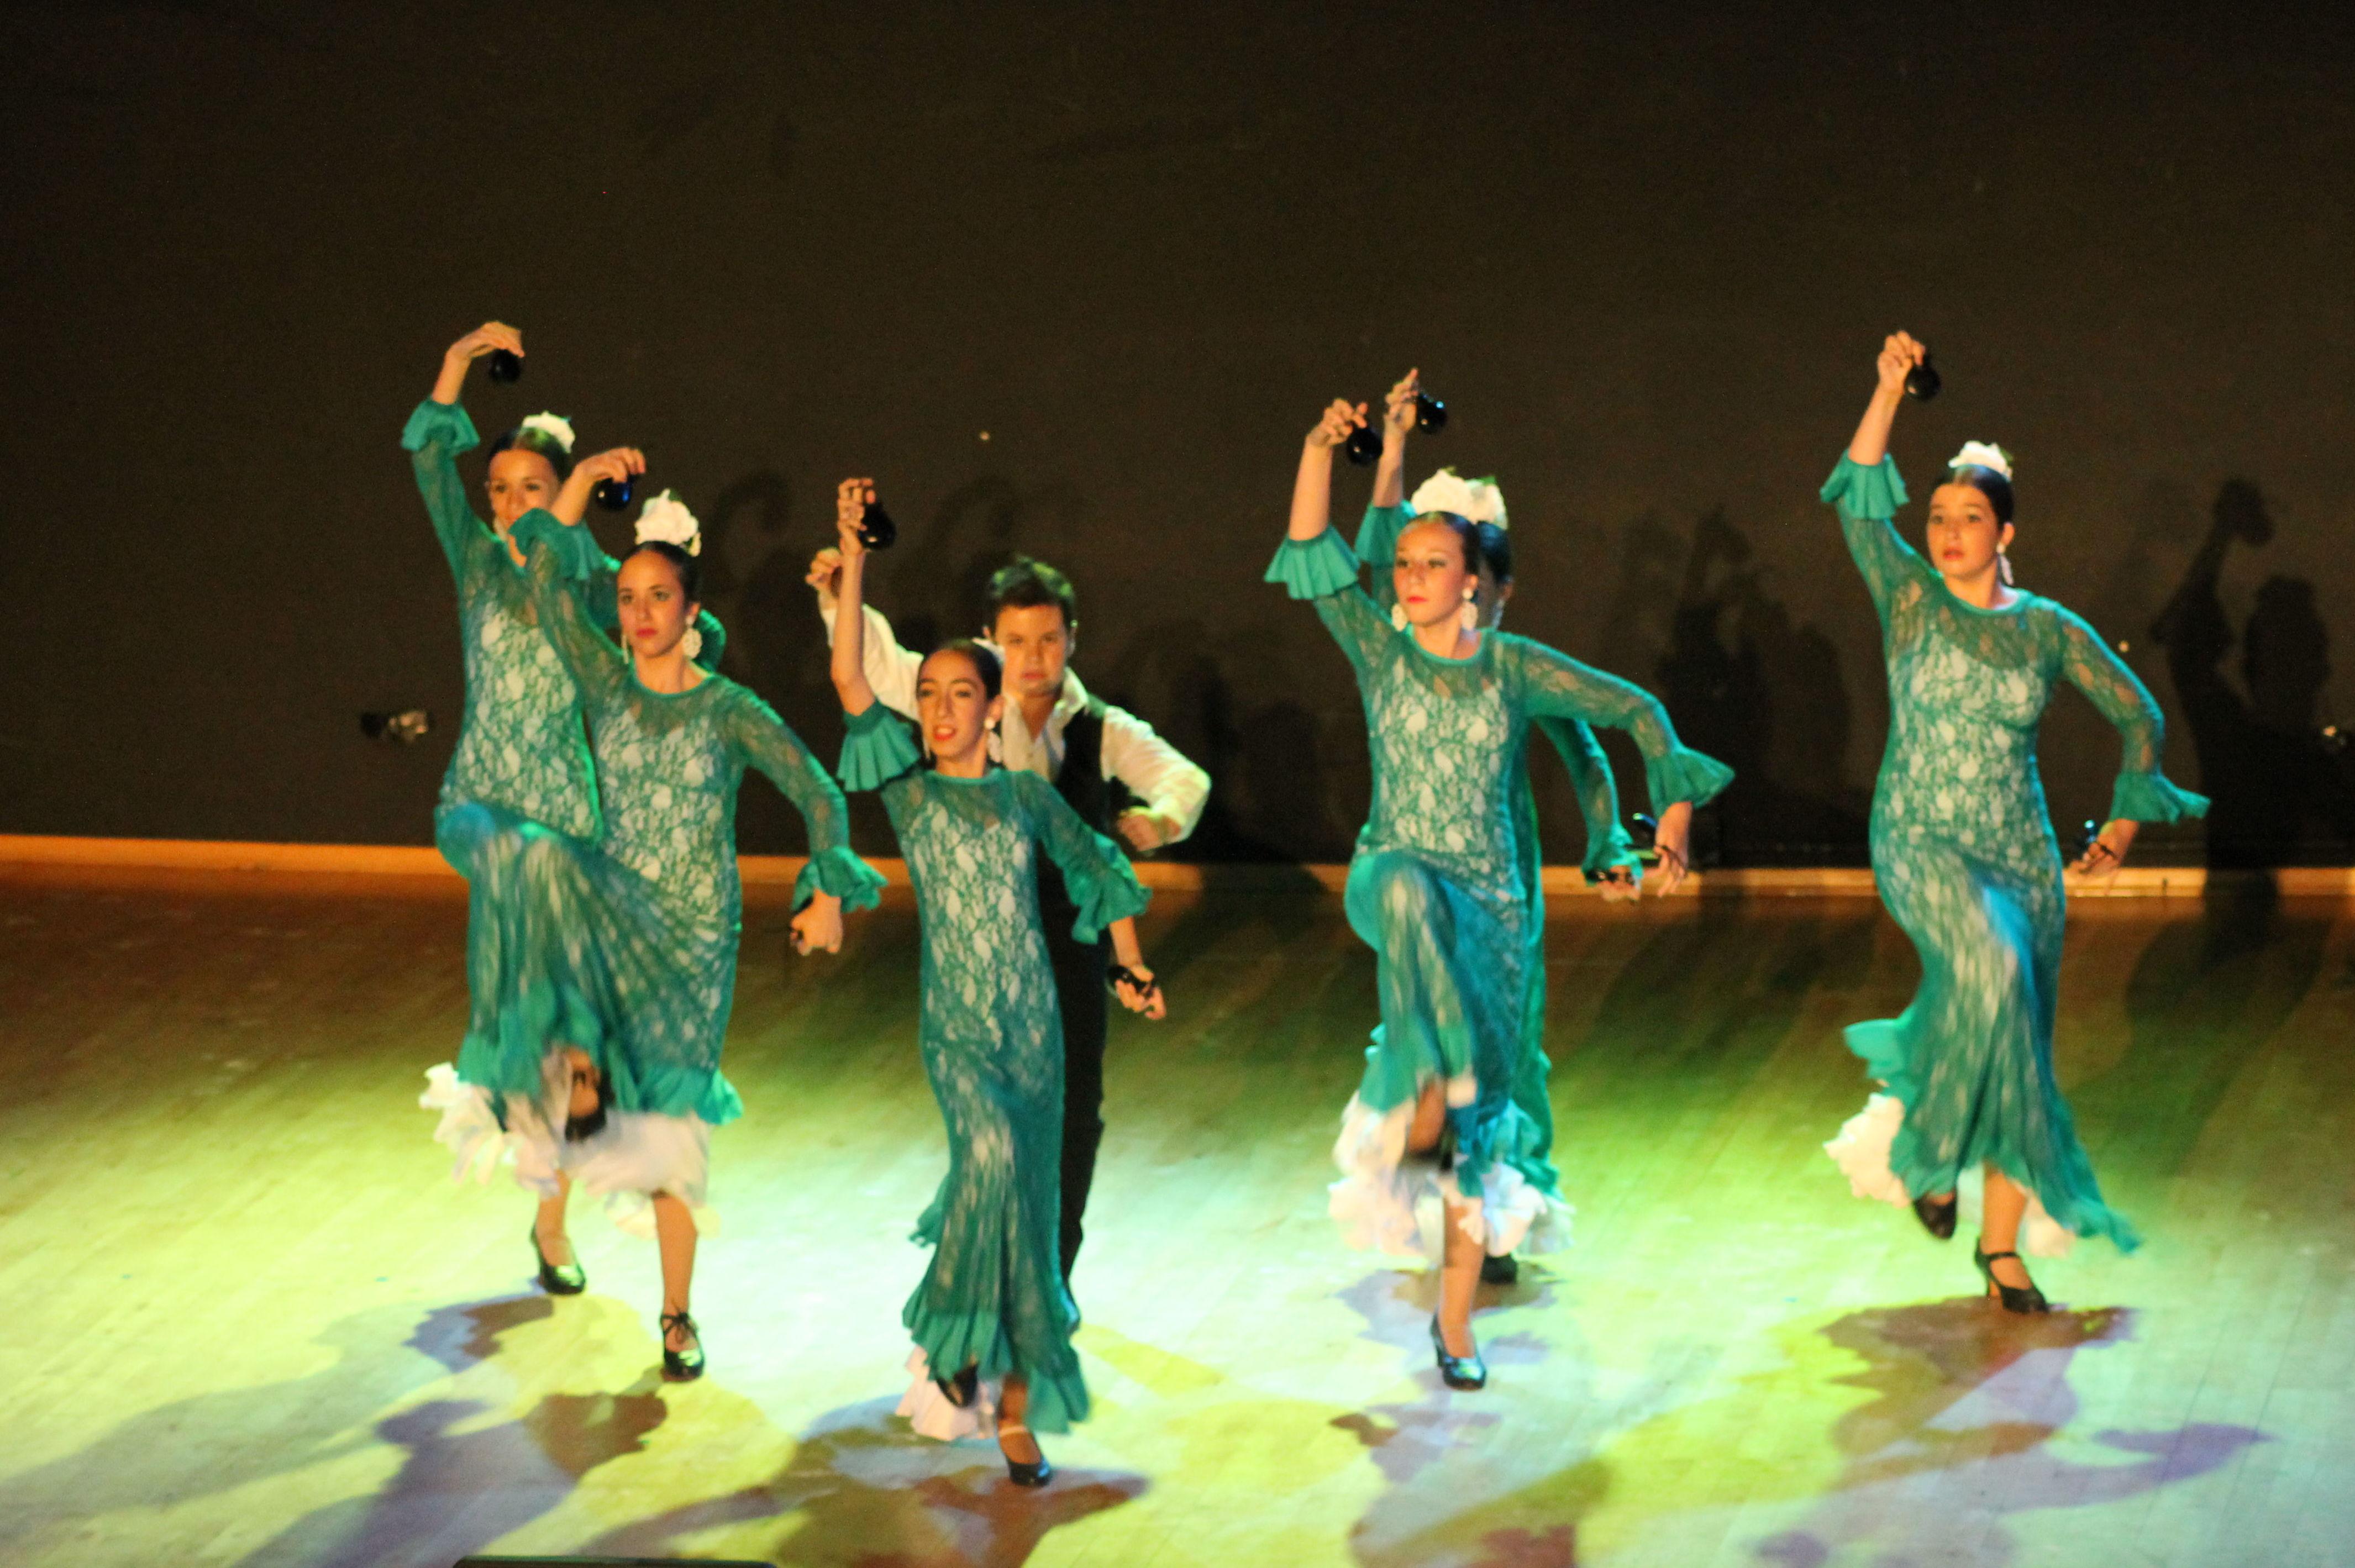 Foto 30 de Escuelas de música, danza e interpretación en Alcalá de Henares | Escuela de Danza Pepe Vento